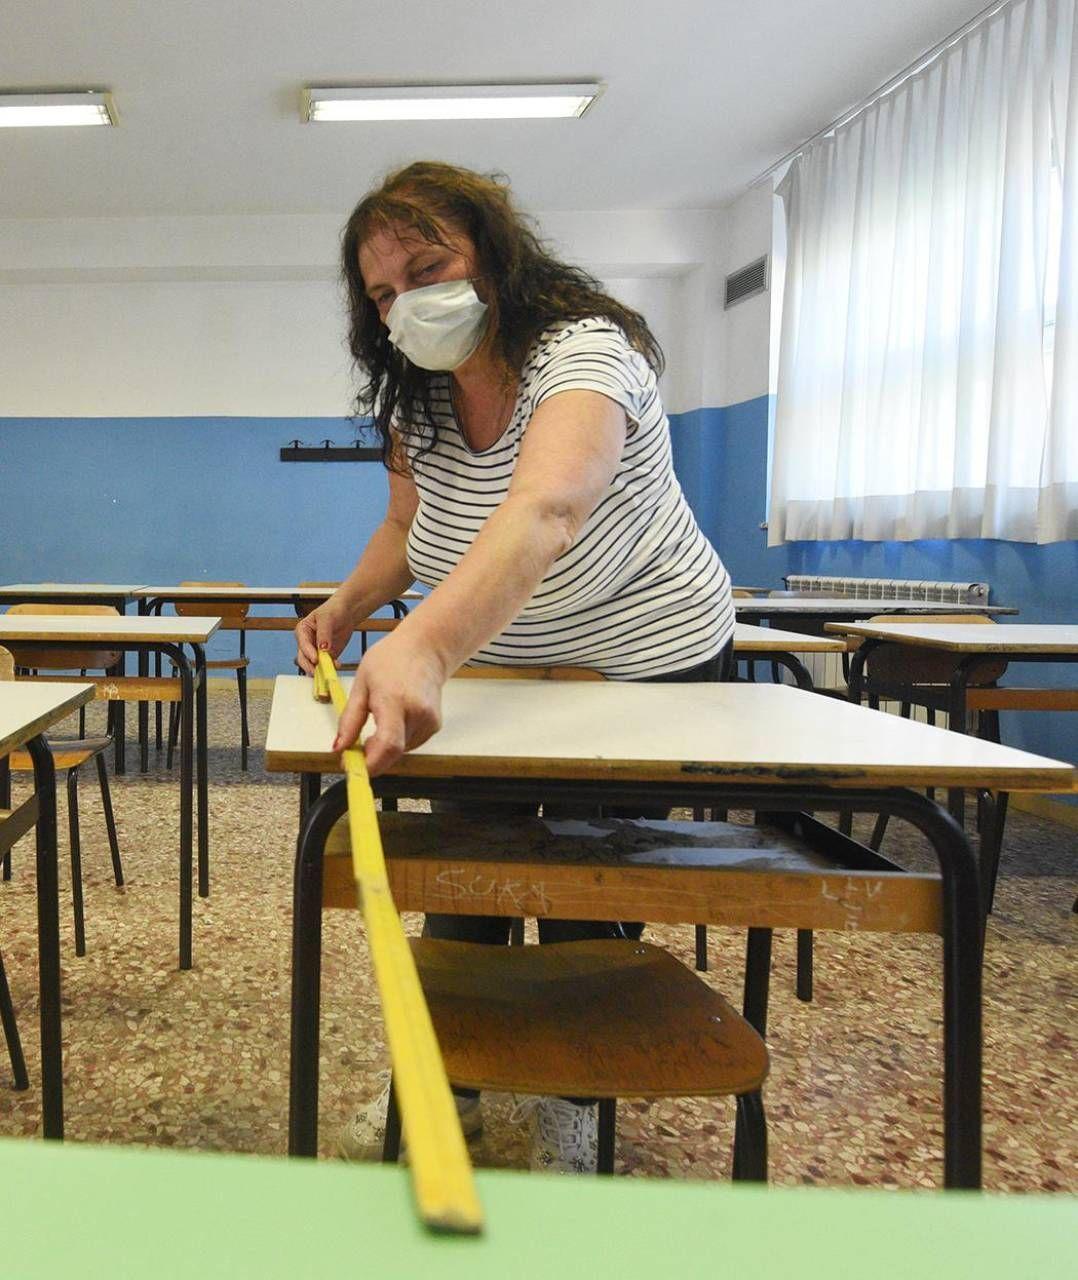 Le normative anti-Covid-19 prevedono anche il distanziamento dei banchi nelle aule (Foto di repertorio)